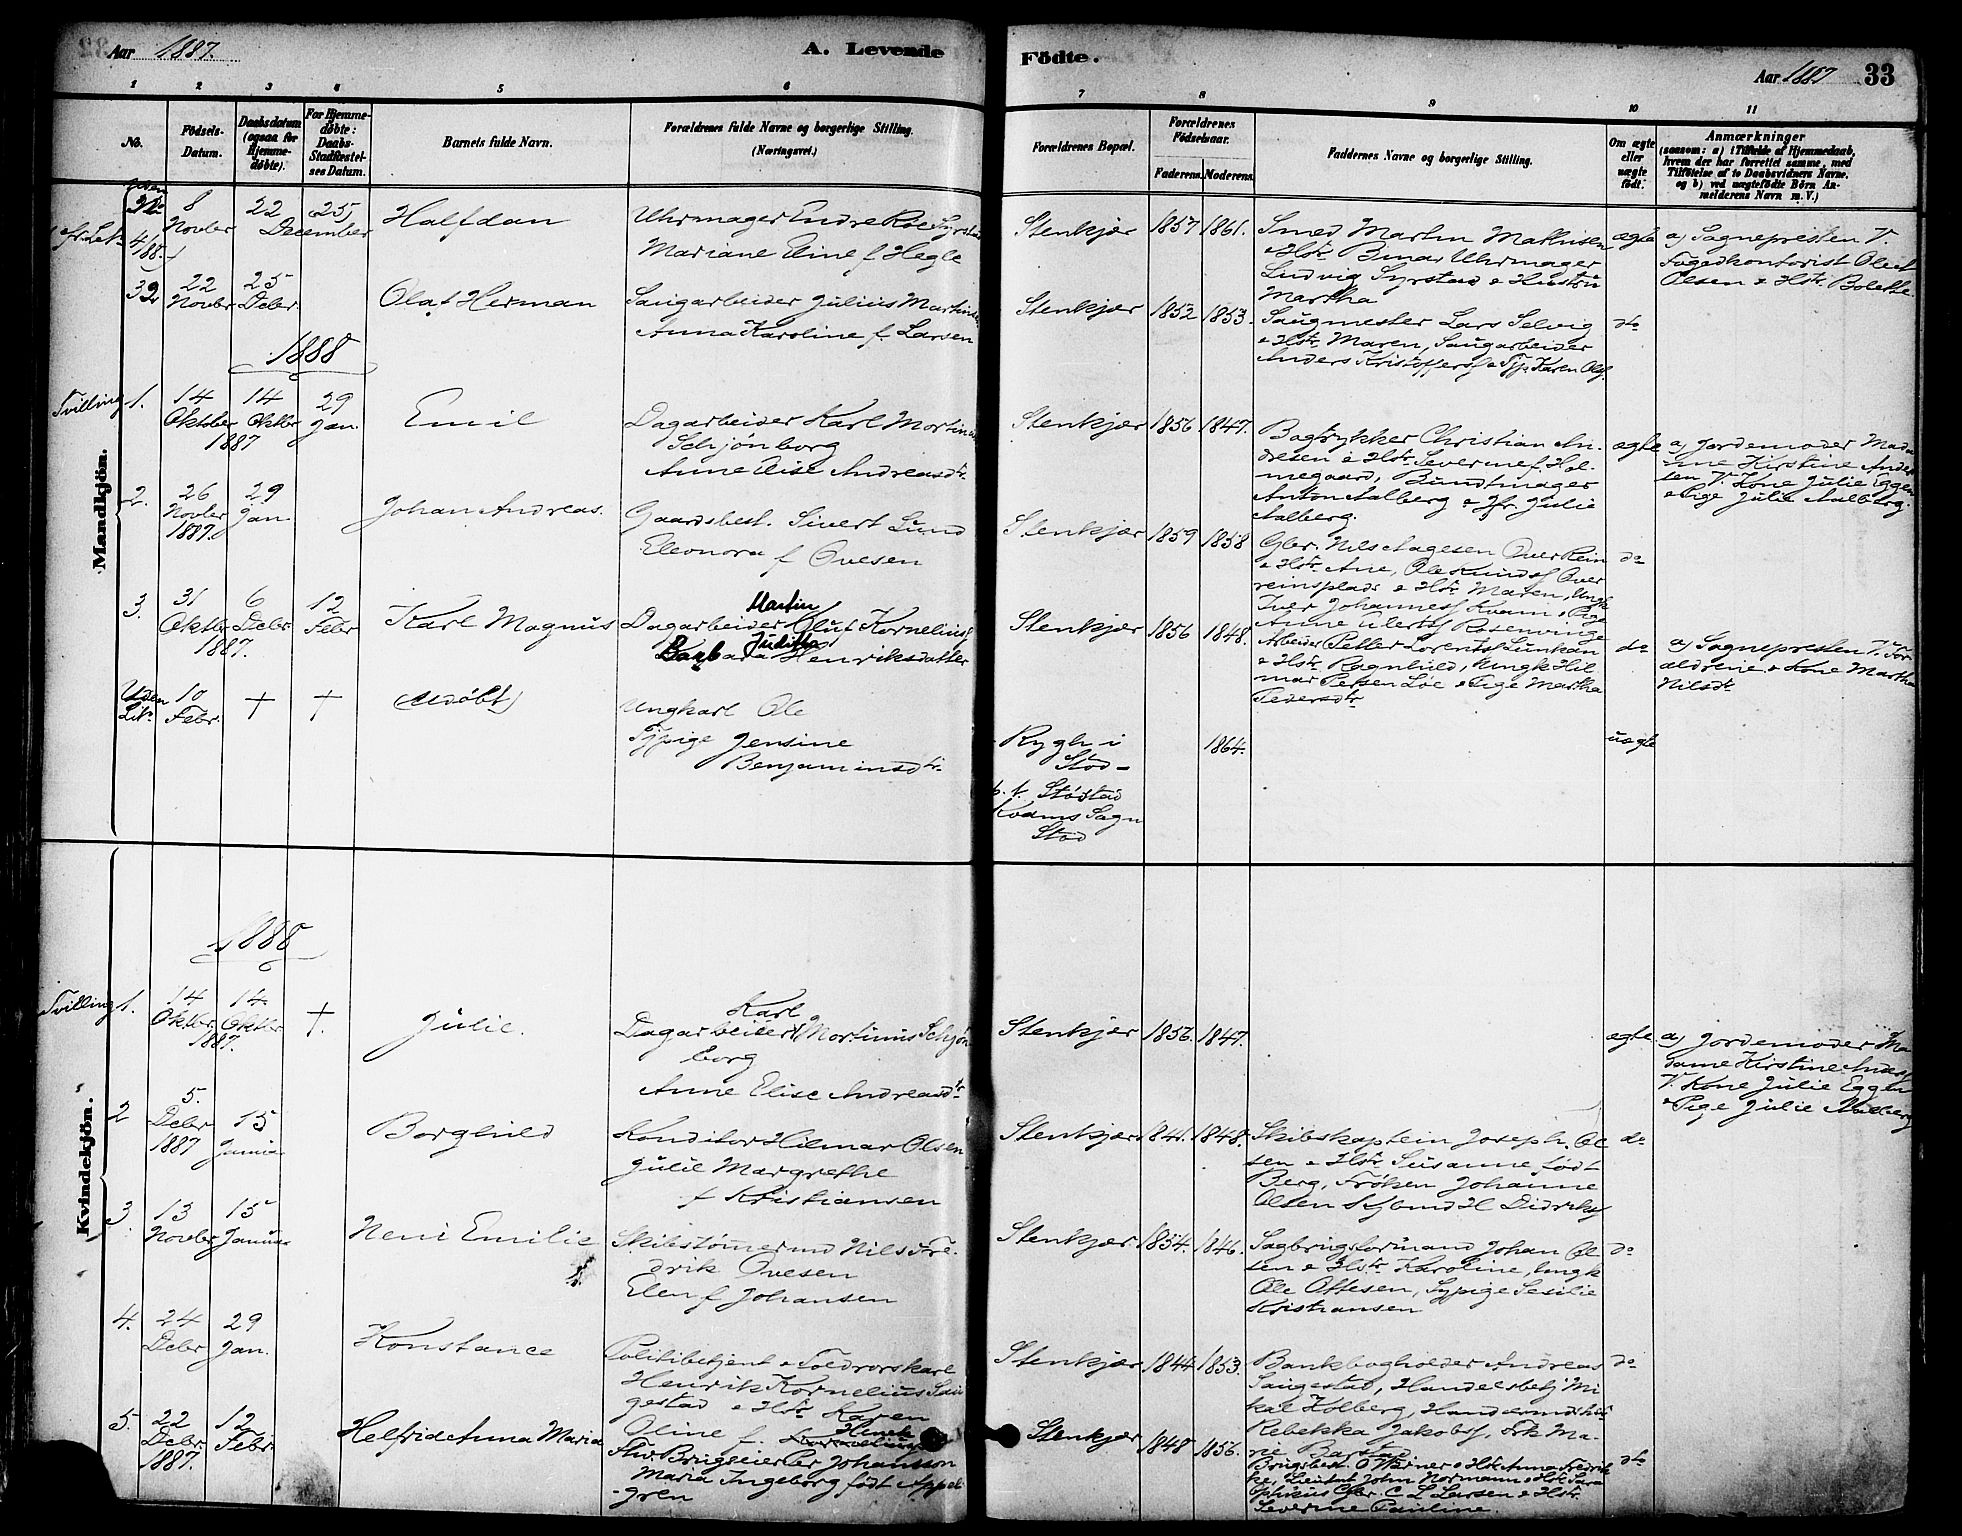 SAT, Ministerialprotokoller, klokkerbøker og fødselsregistre - Nord-Trøndelag, 739/L0371: Ministerialbok nr. 739A03, 1881-1895, s. 33